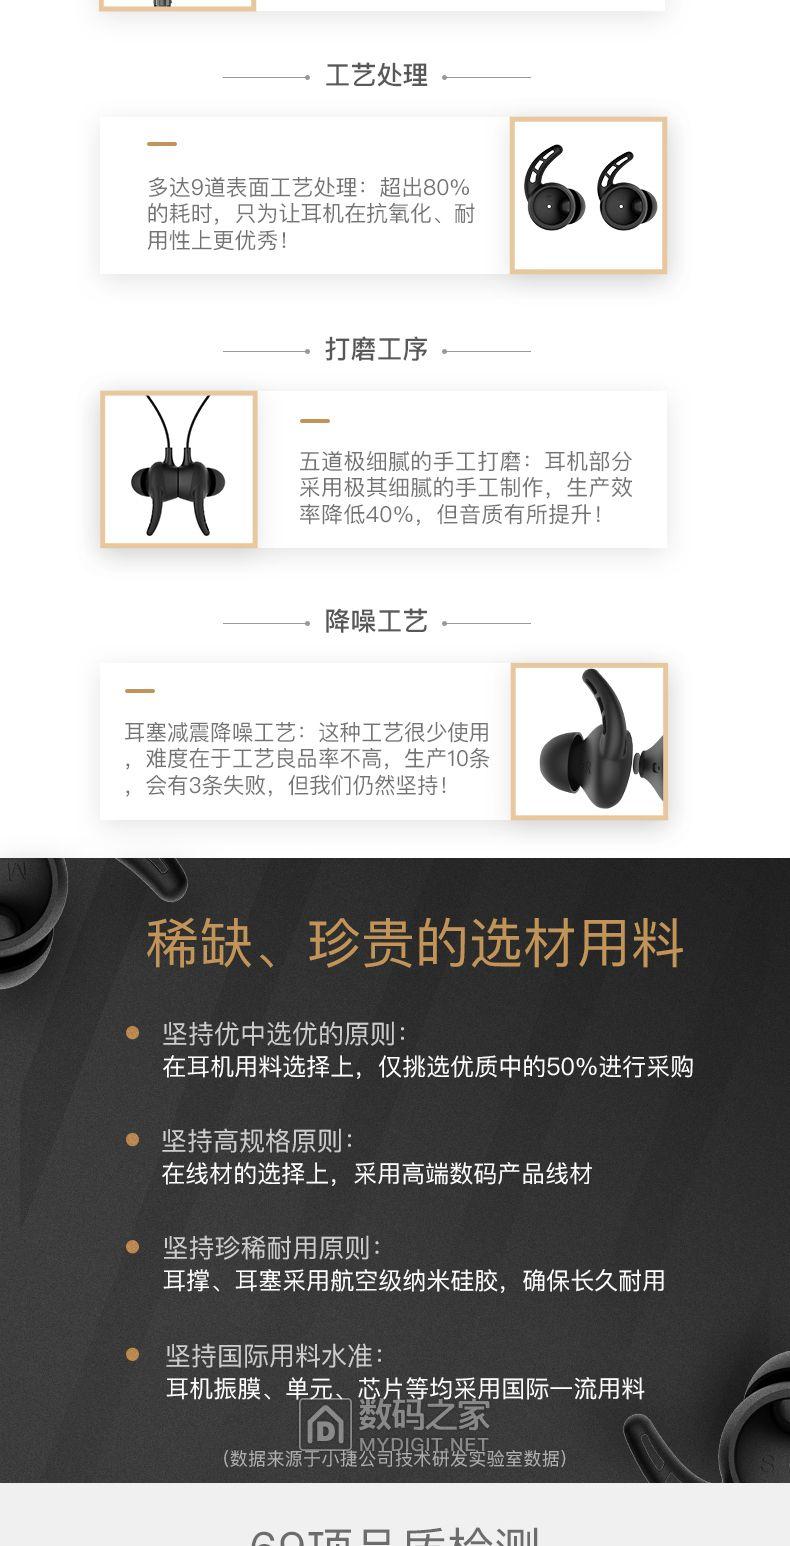 媲美轻奢级音质,JEET蓝牙耳机评测试用活动(中奖名单公布)